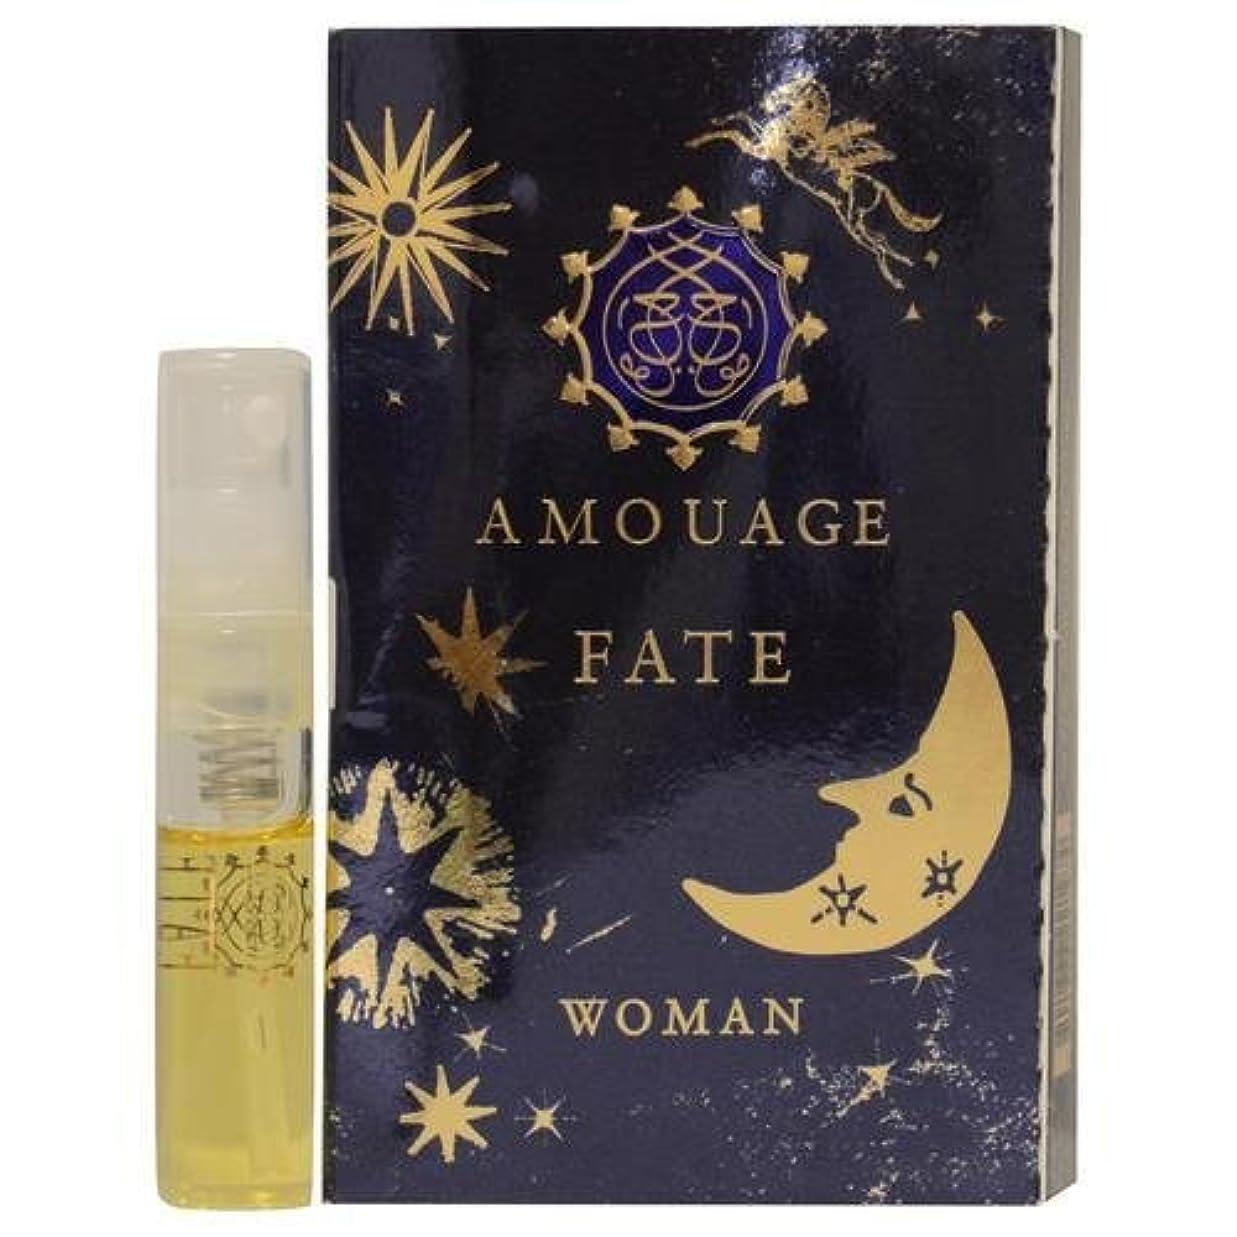 バング塩辛い応用Amouage Fate Woman EDP Vial Sample(アムアージュ フェイト ウーマン オードパルファン)2ml サンプル